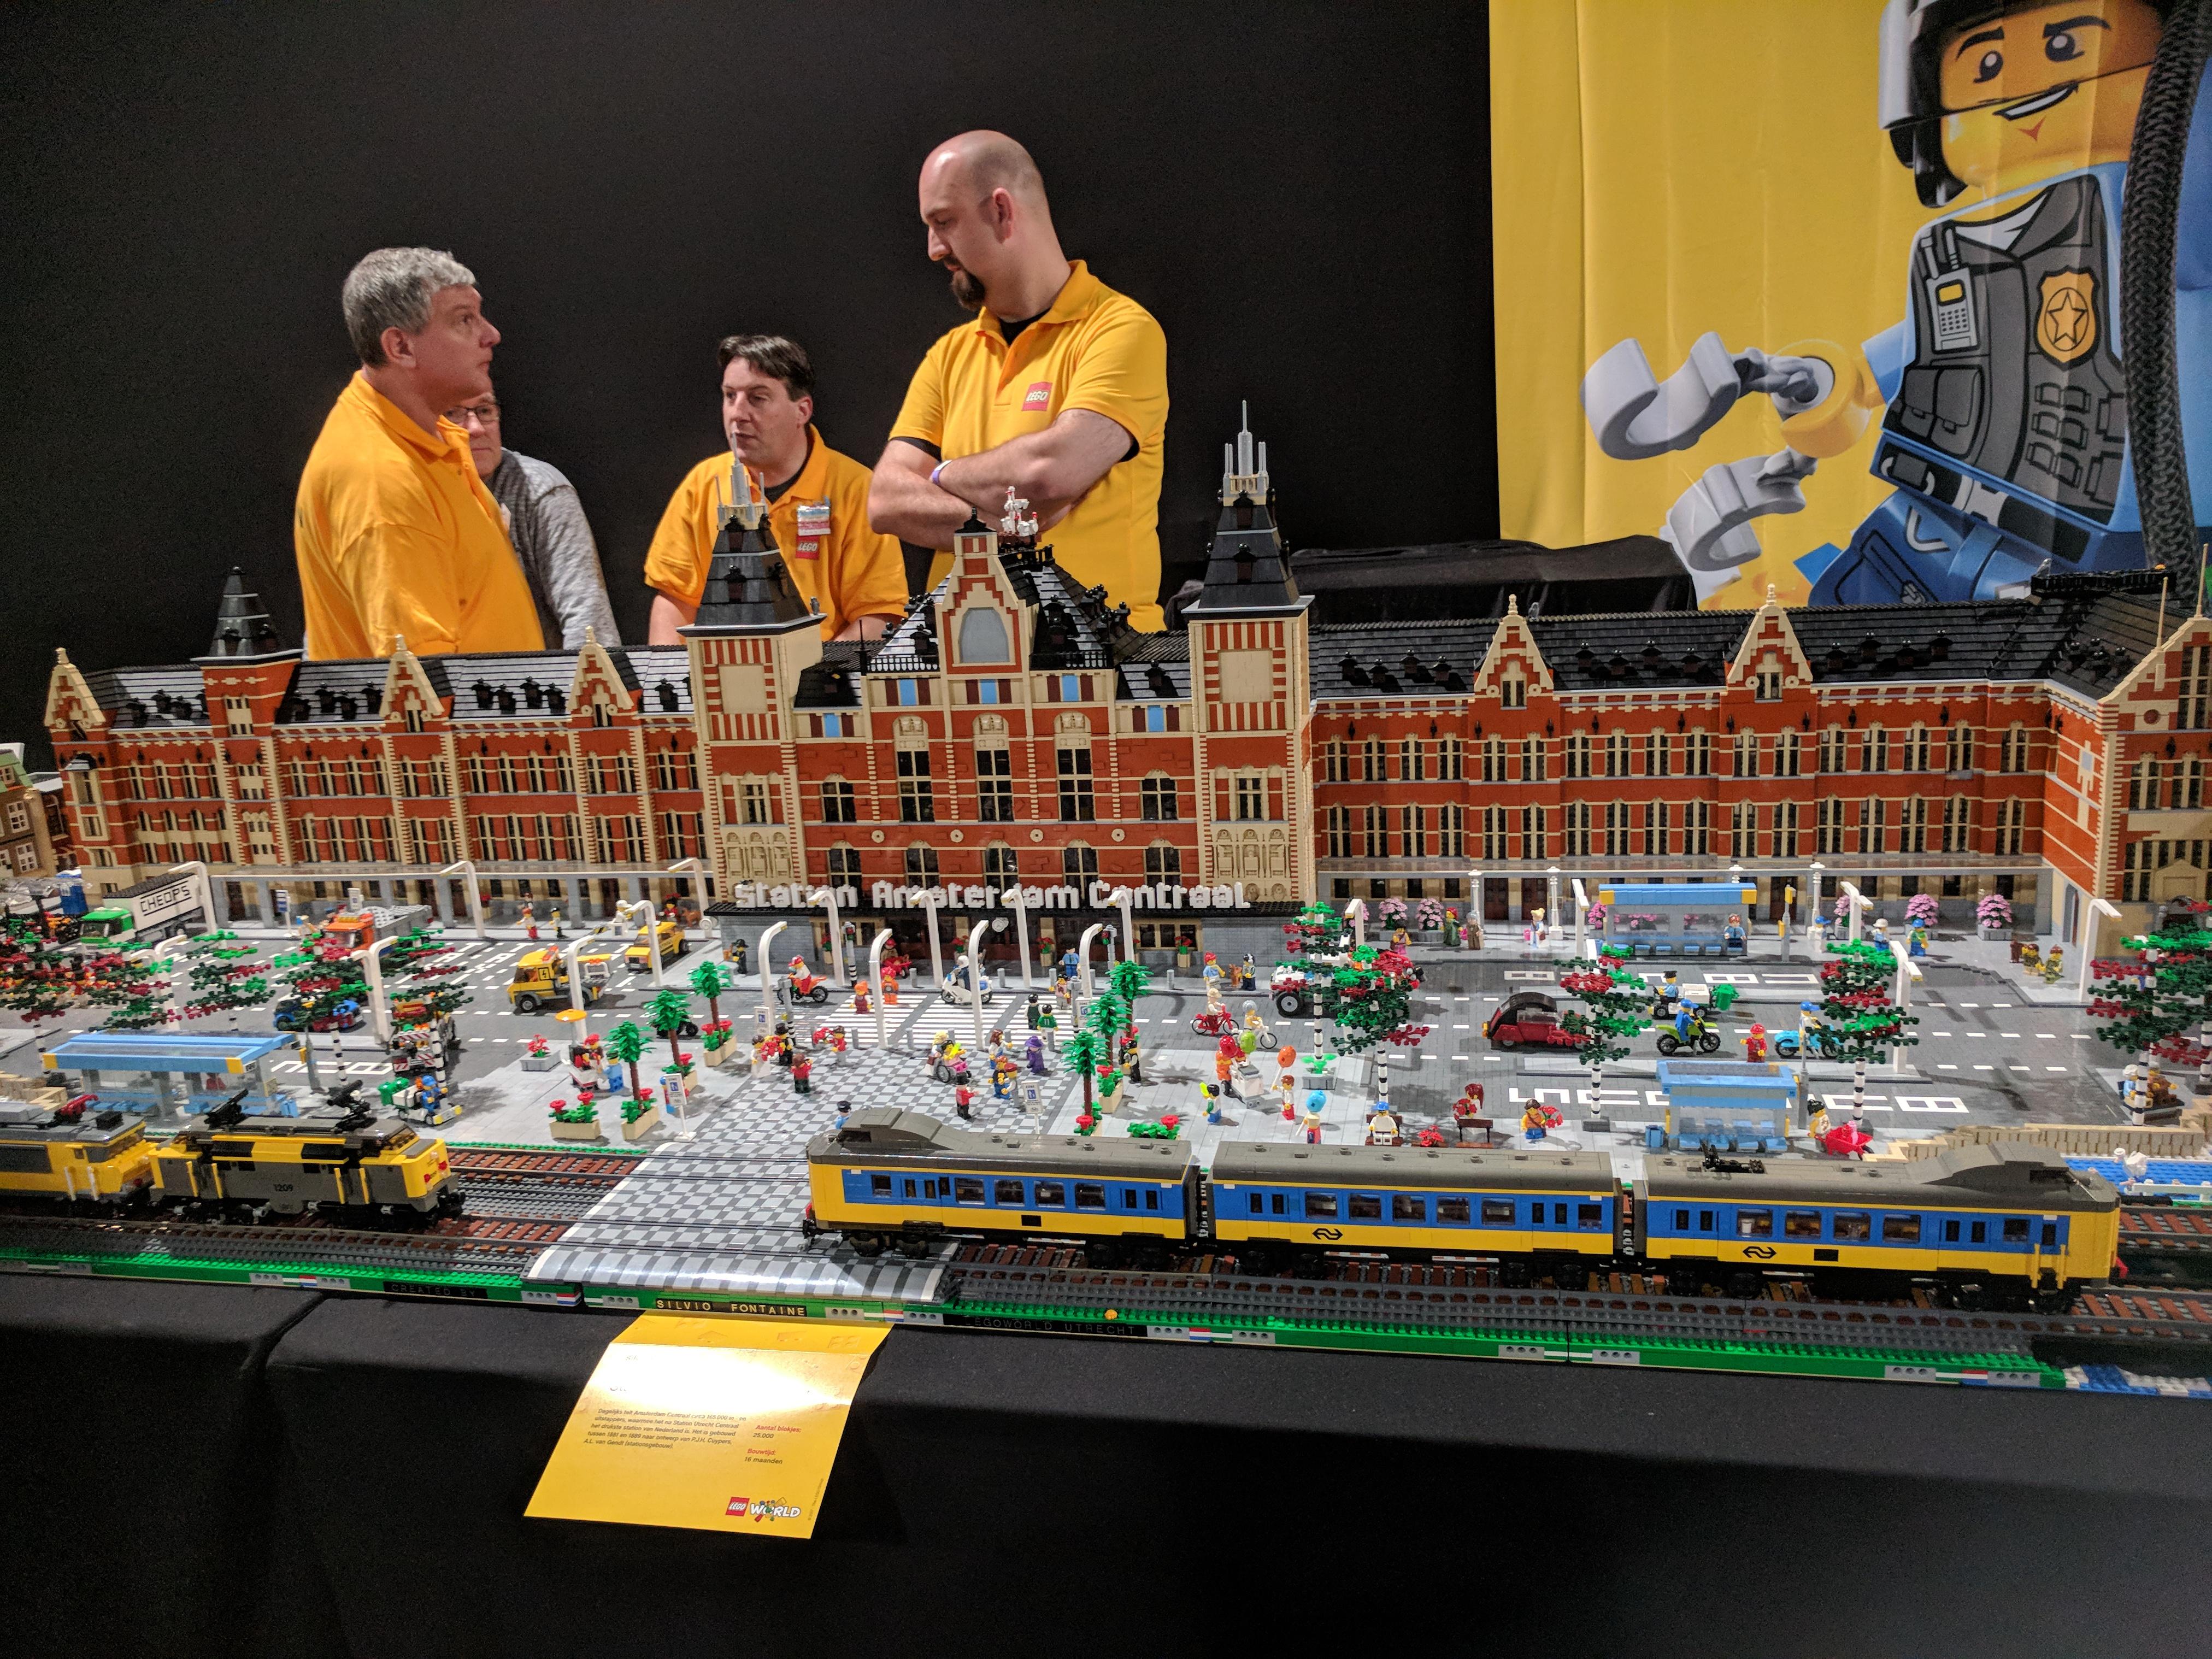 Amsterdam Centraal Lego World 2017